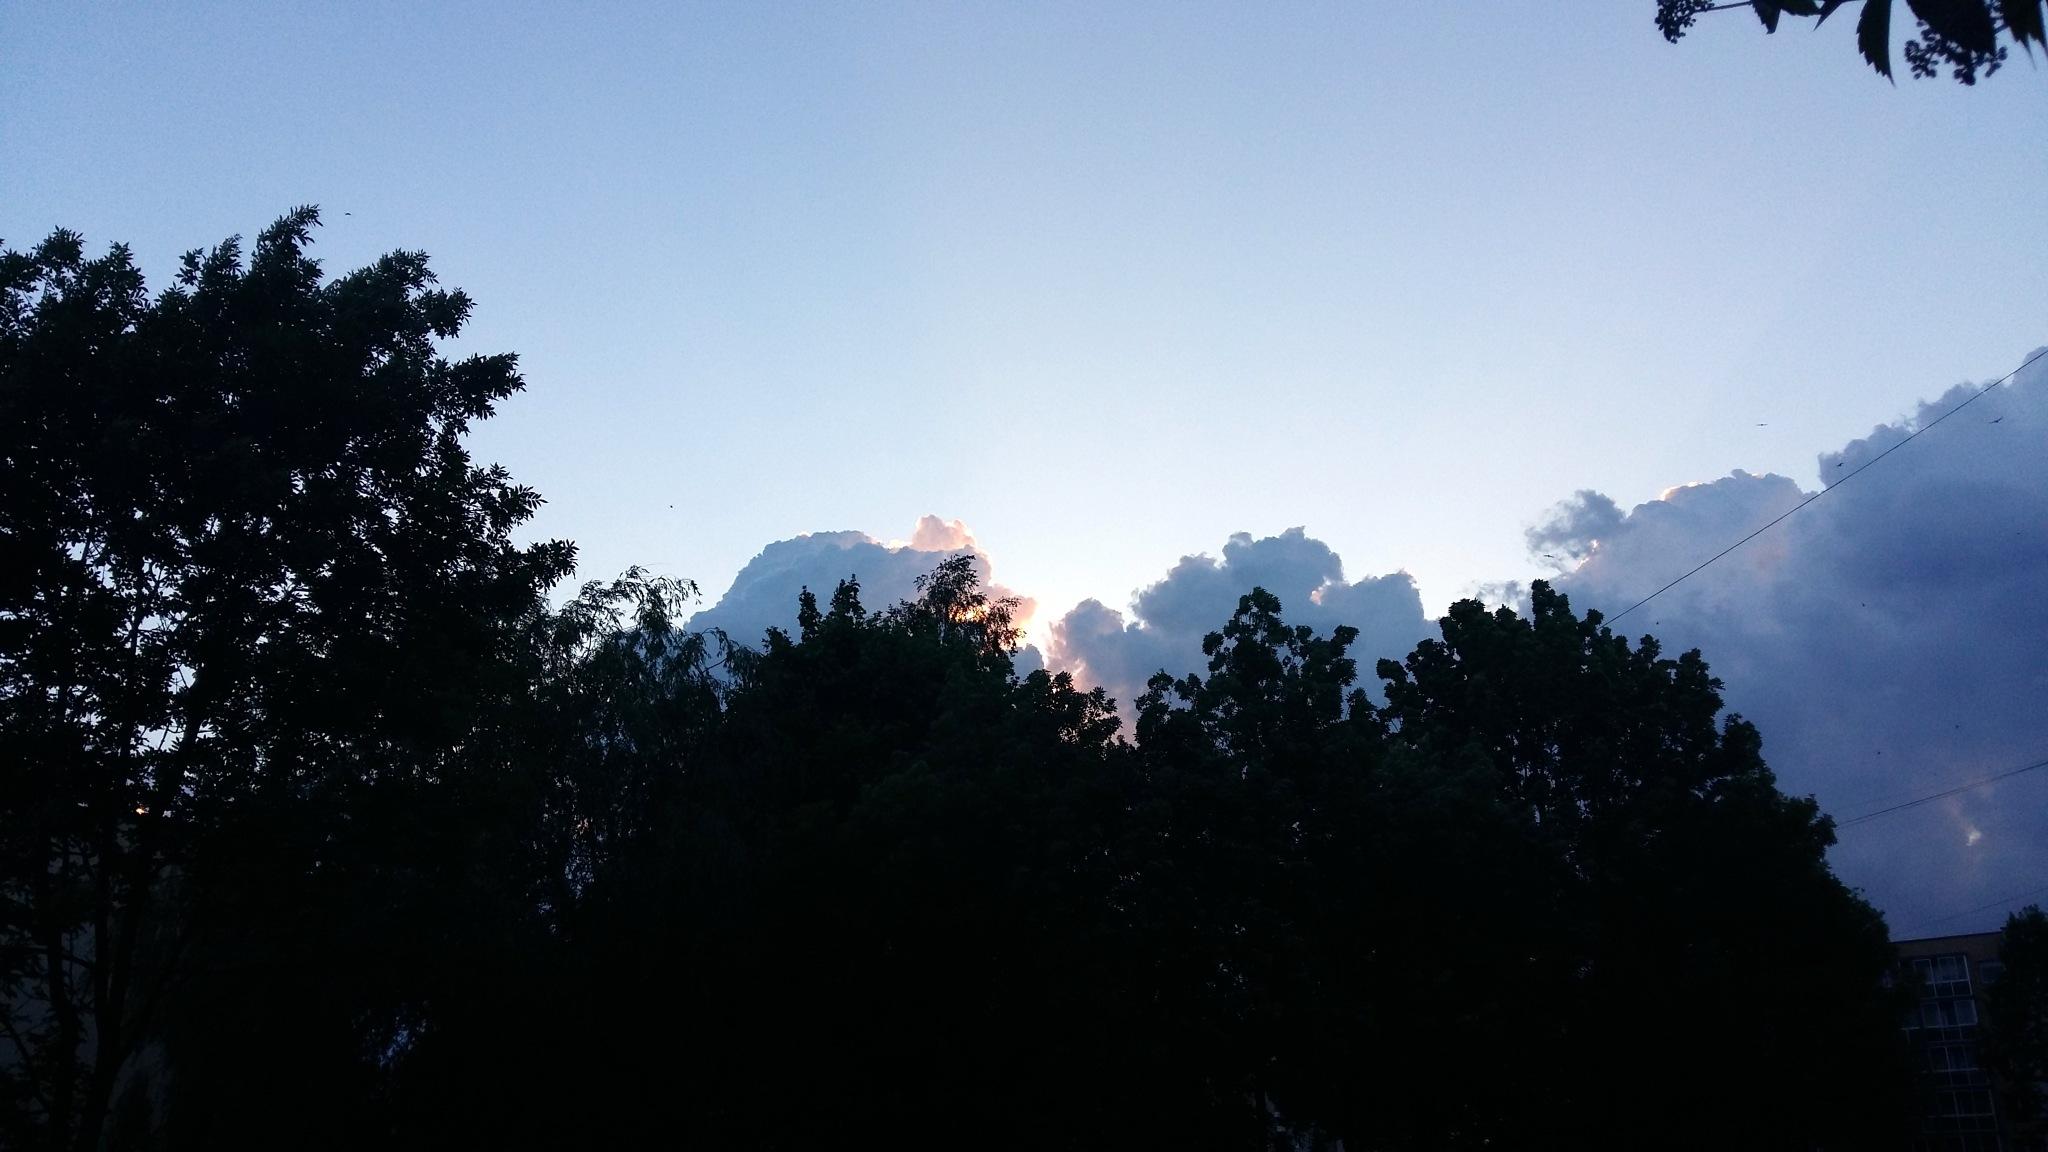 Evening sky. by uzkuraitiene62